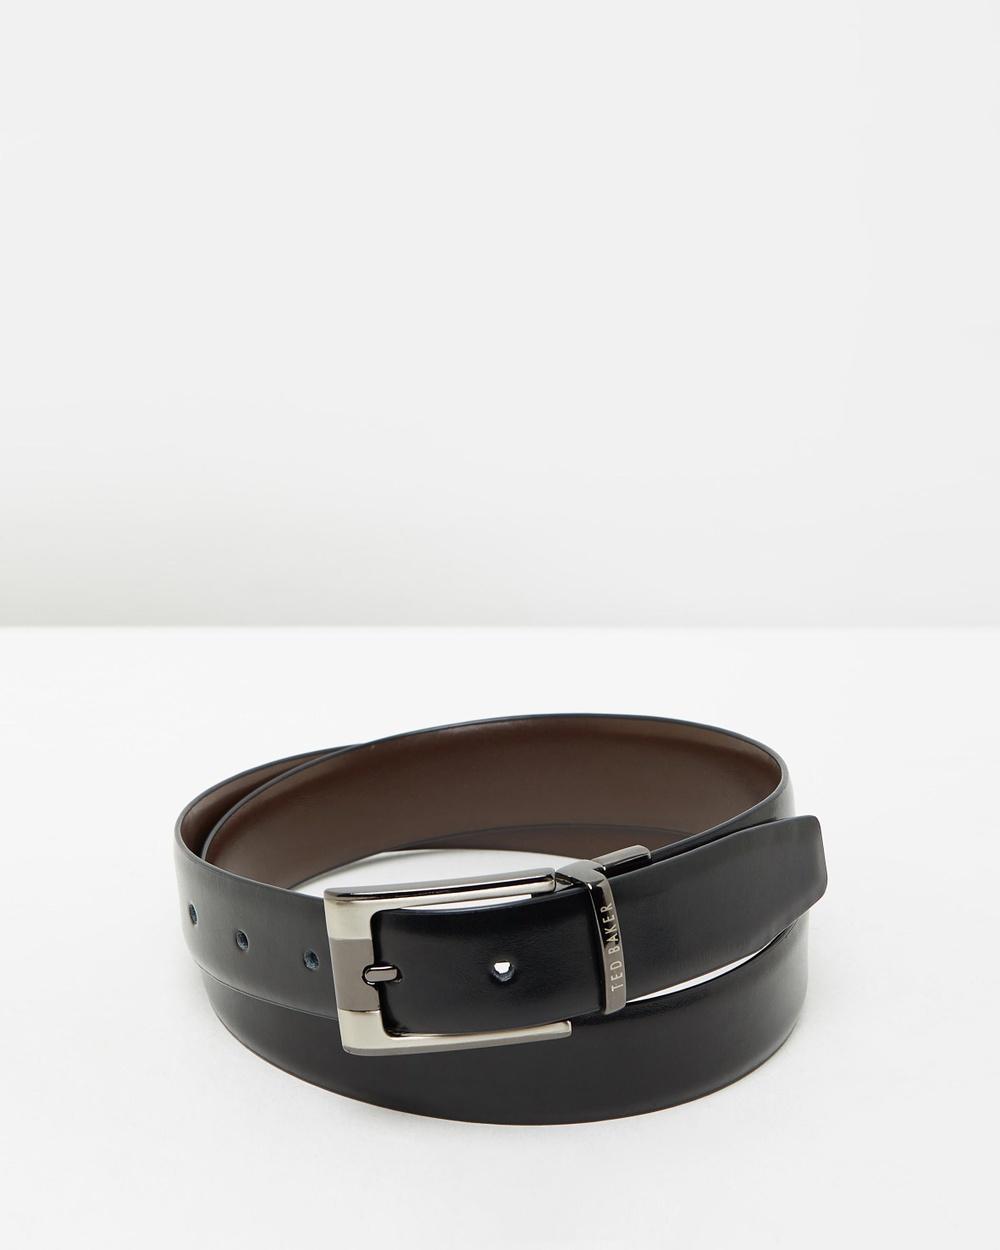 Ted Baker Crafti Reversible Leather Belt Belts Black